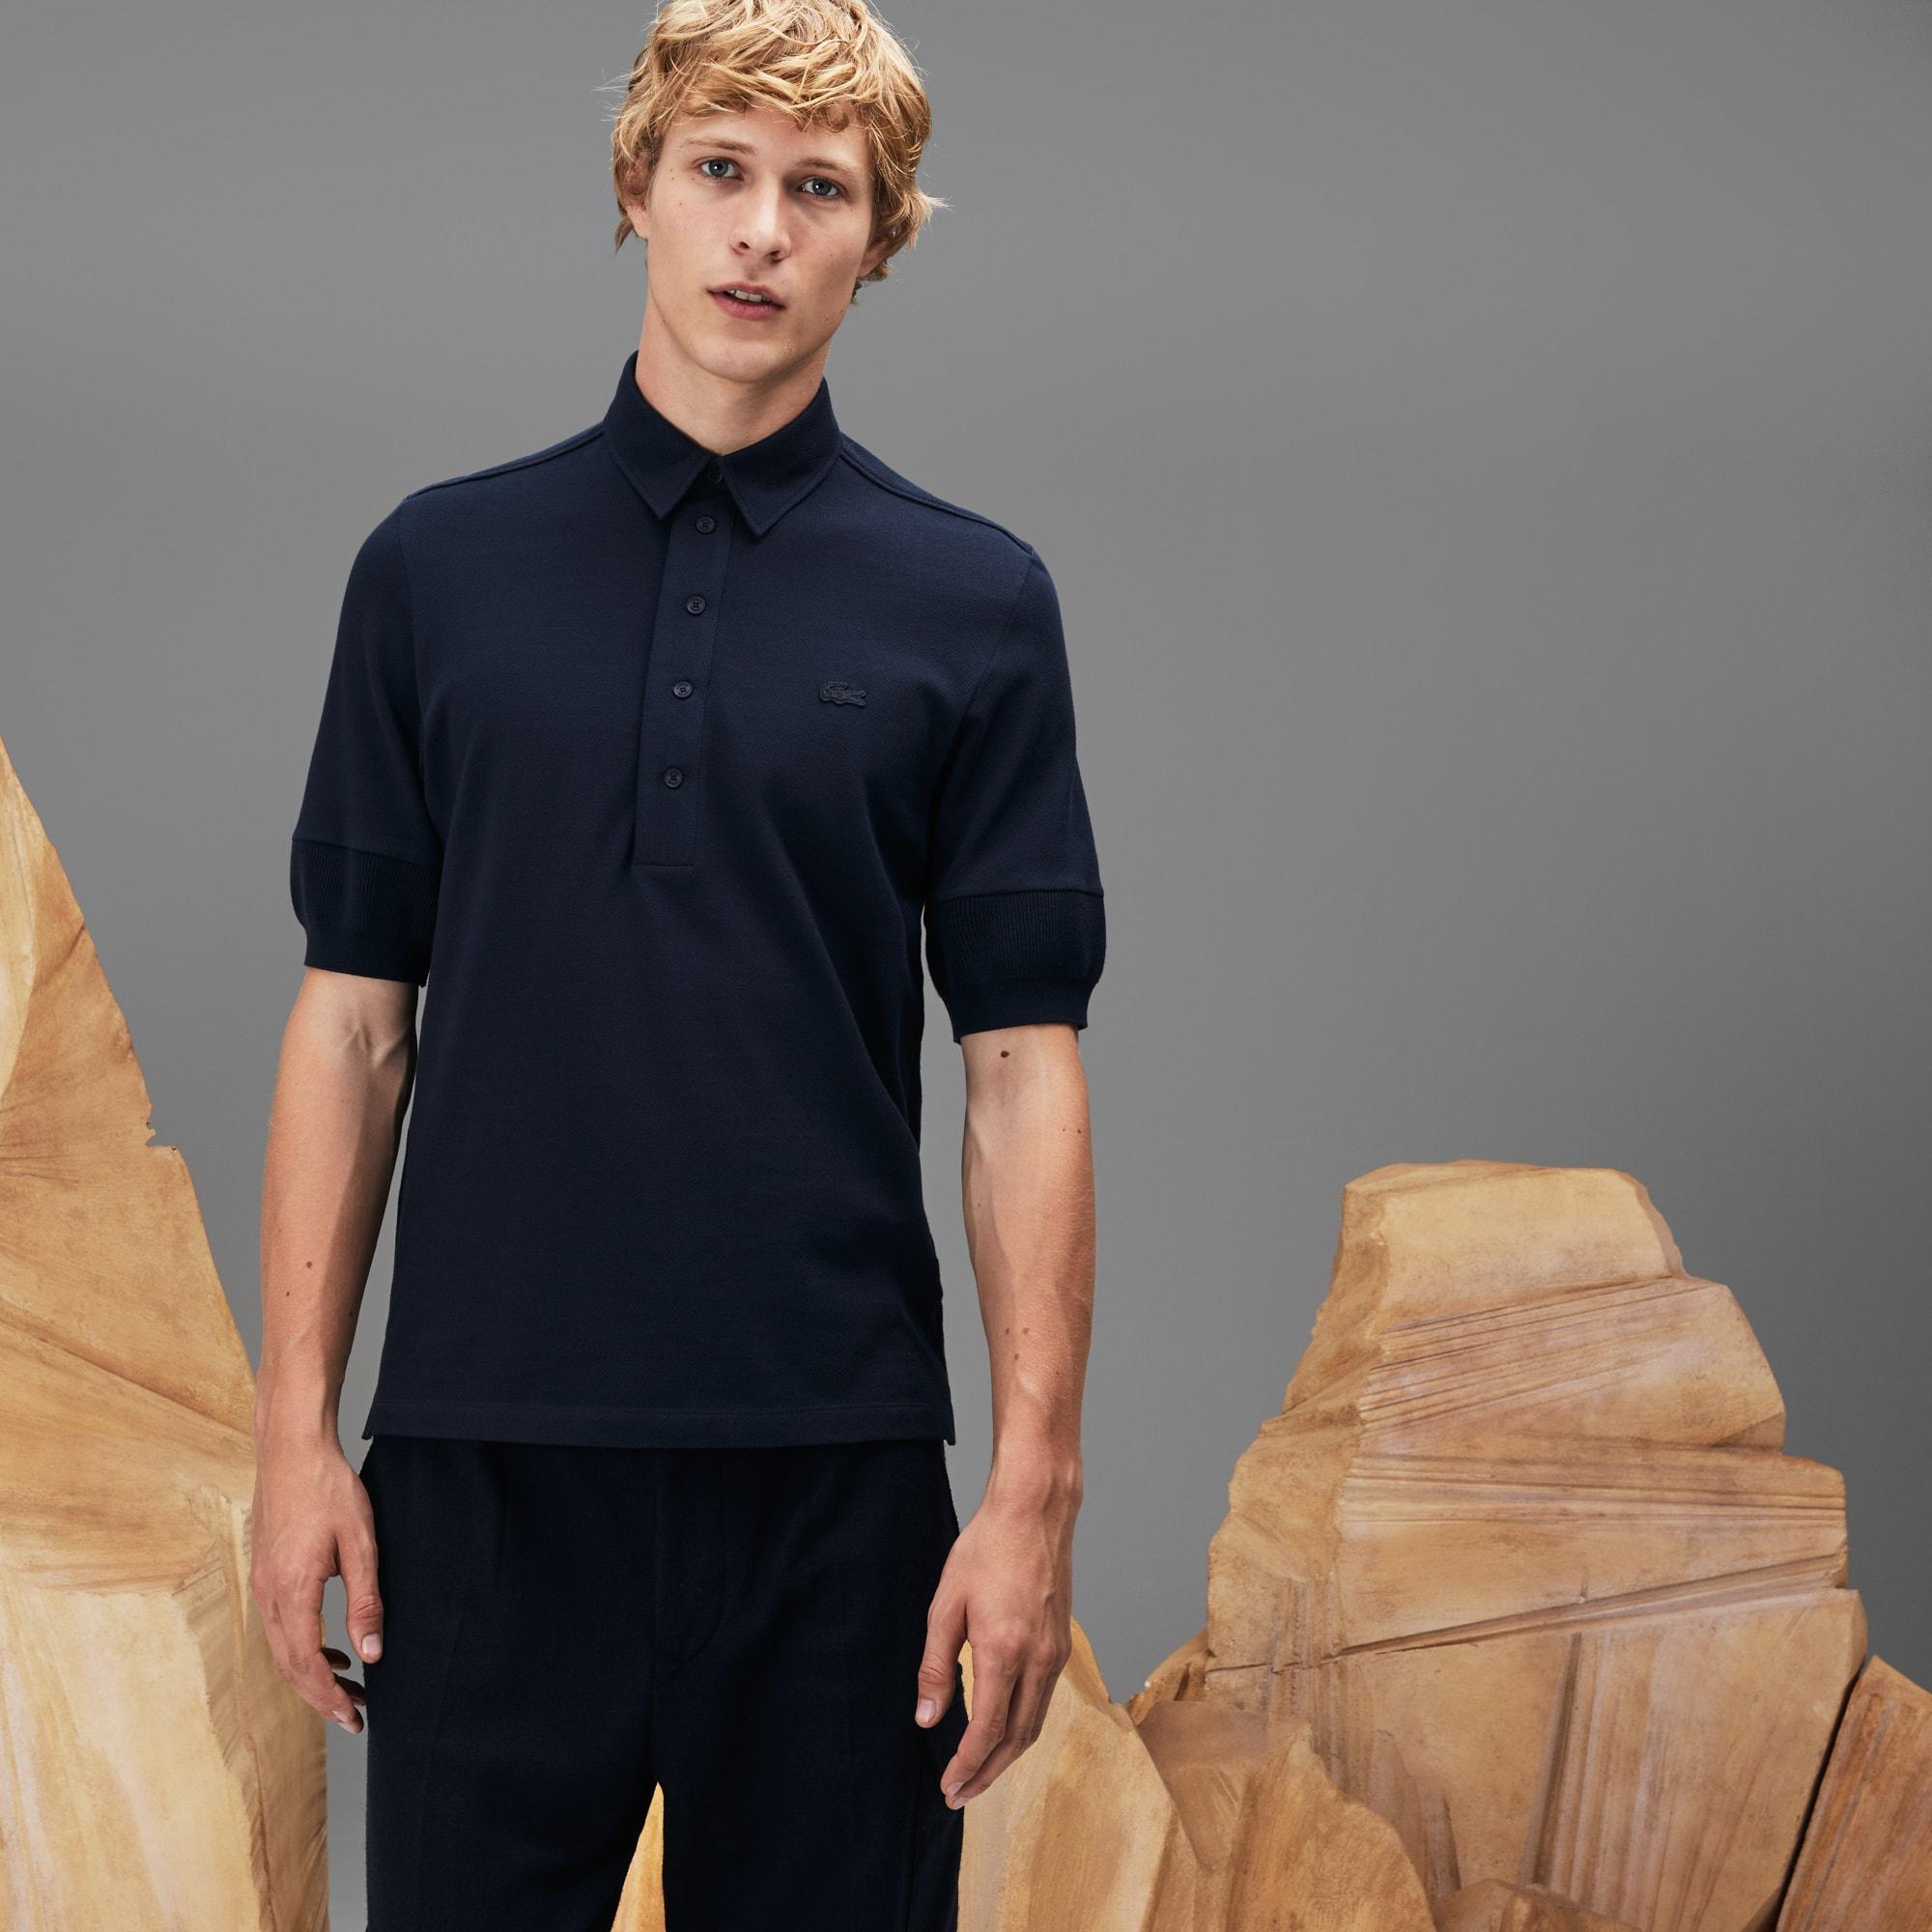 FASHION SHOW Angerautes Poloshirt aus Baumwollpiqué